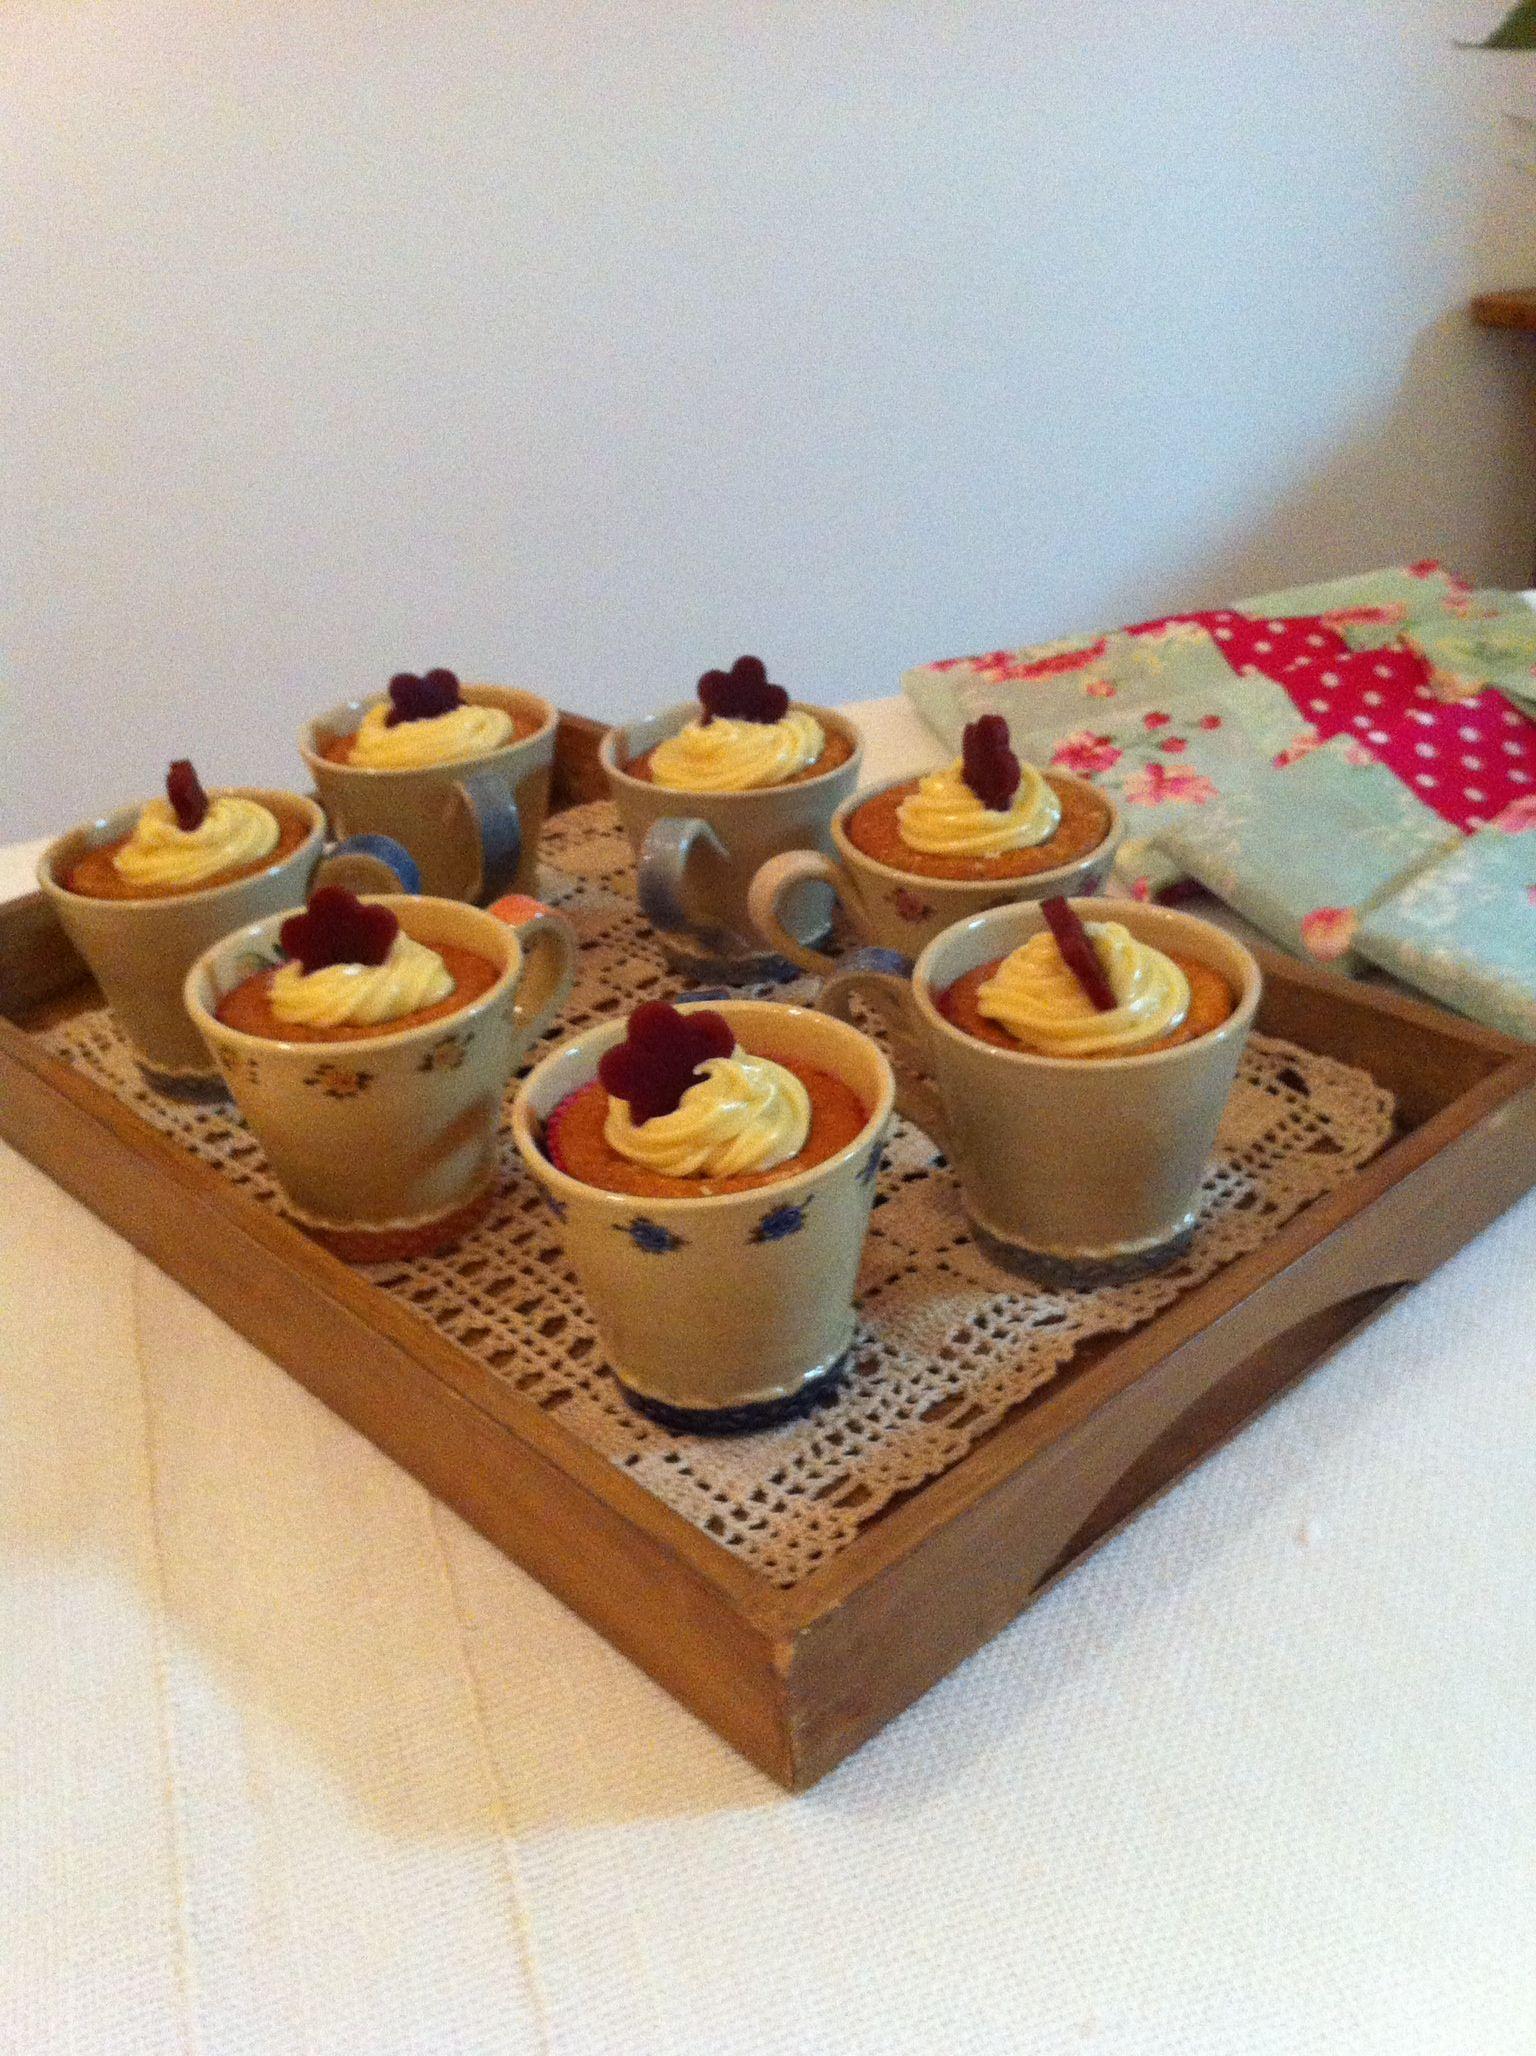 Cupcake na canequinha - lembrança do Dia das Mães.